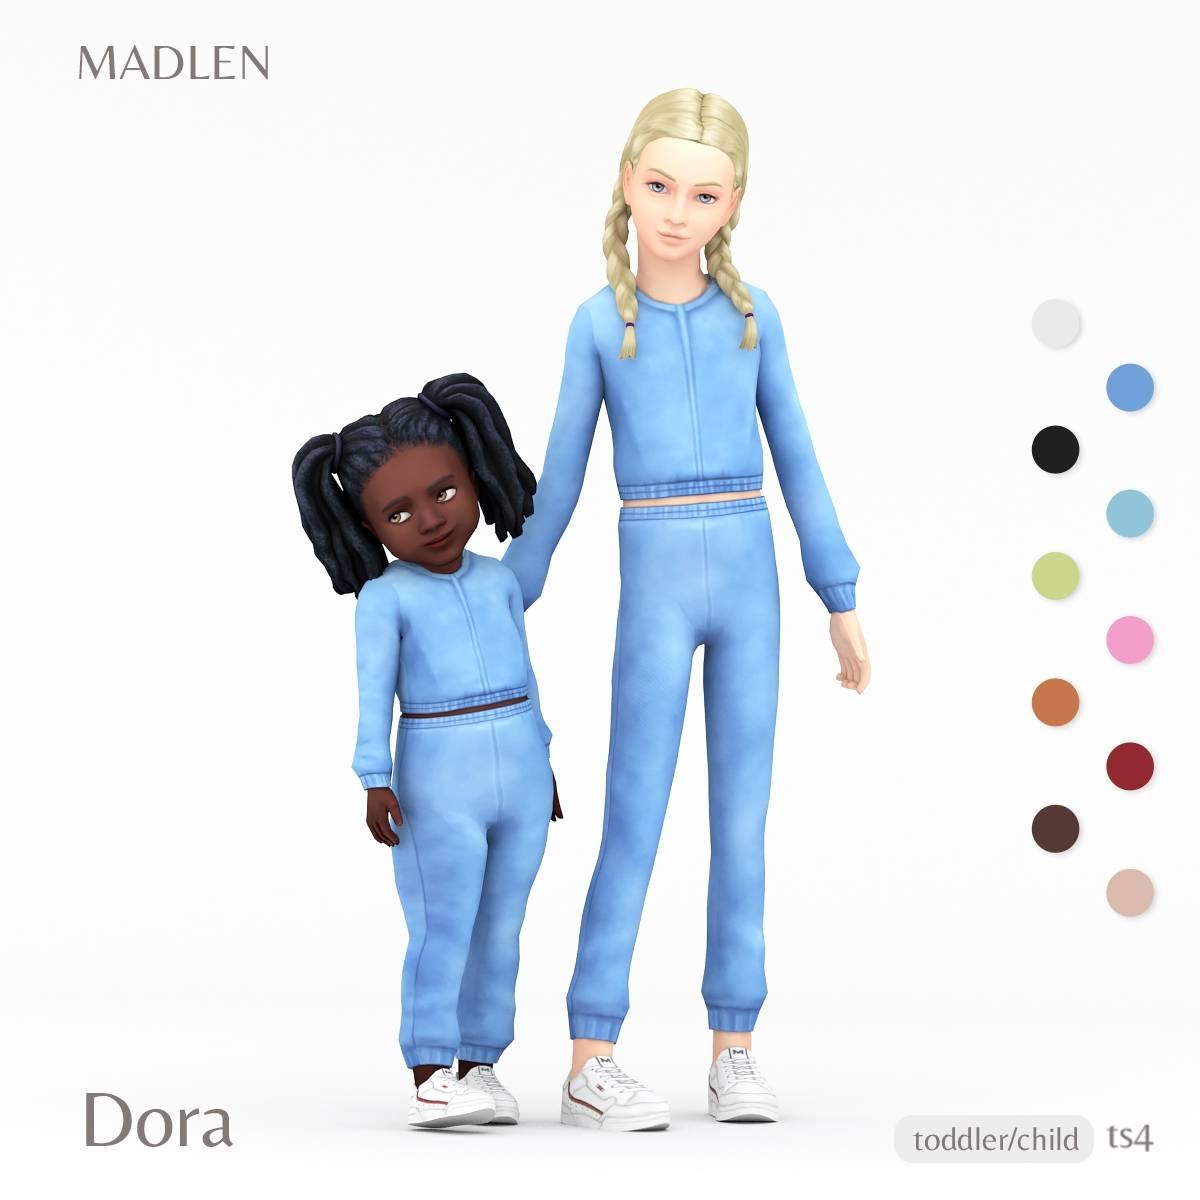 Костюм для детей и тоддлеров - Dora Outfit